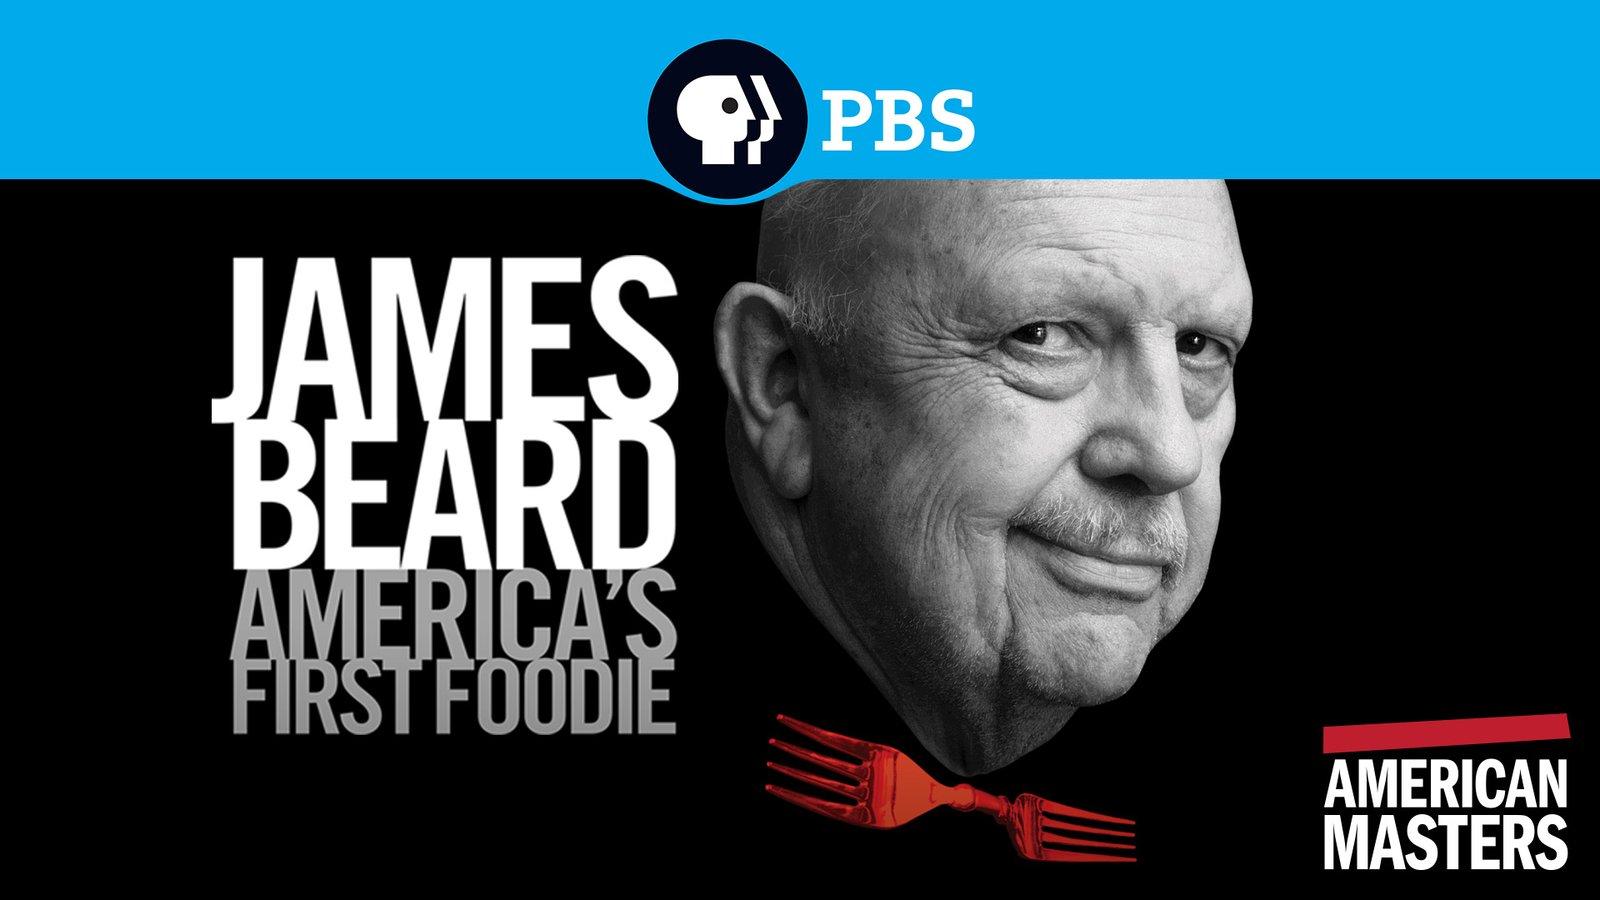 American Masters: James Beard - America's First Foodie